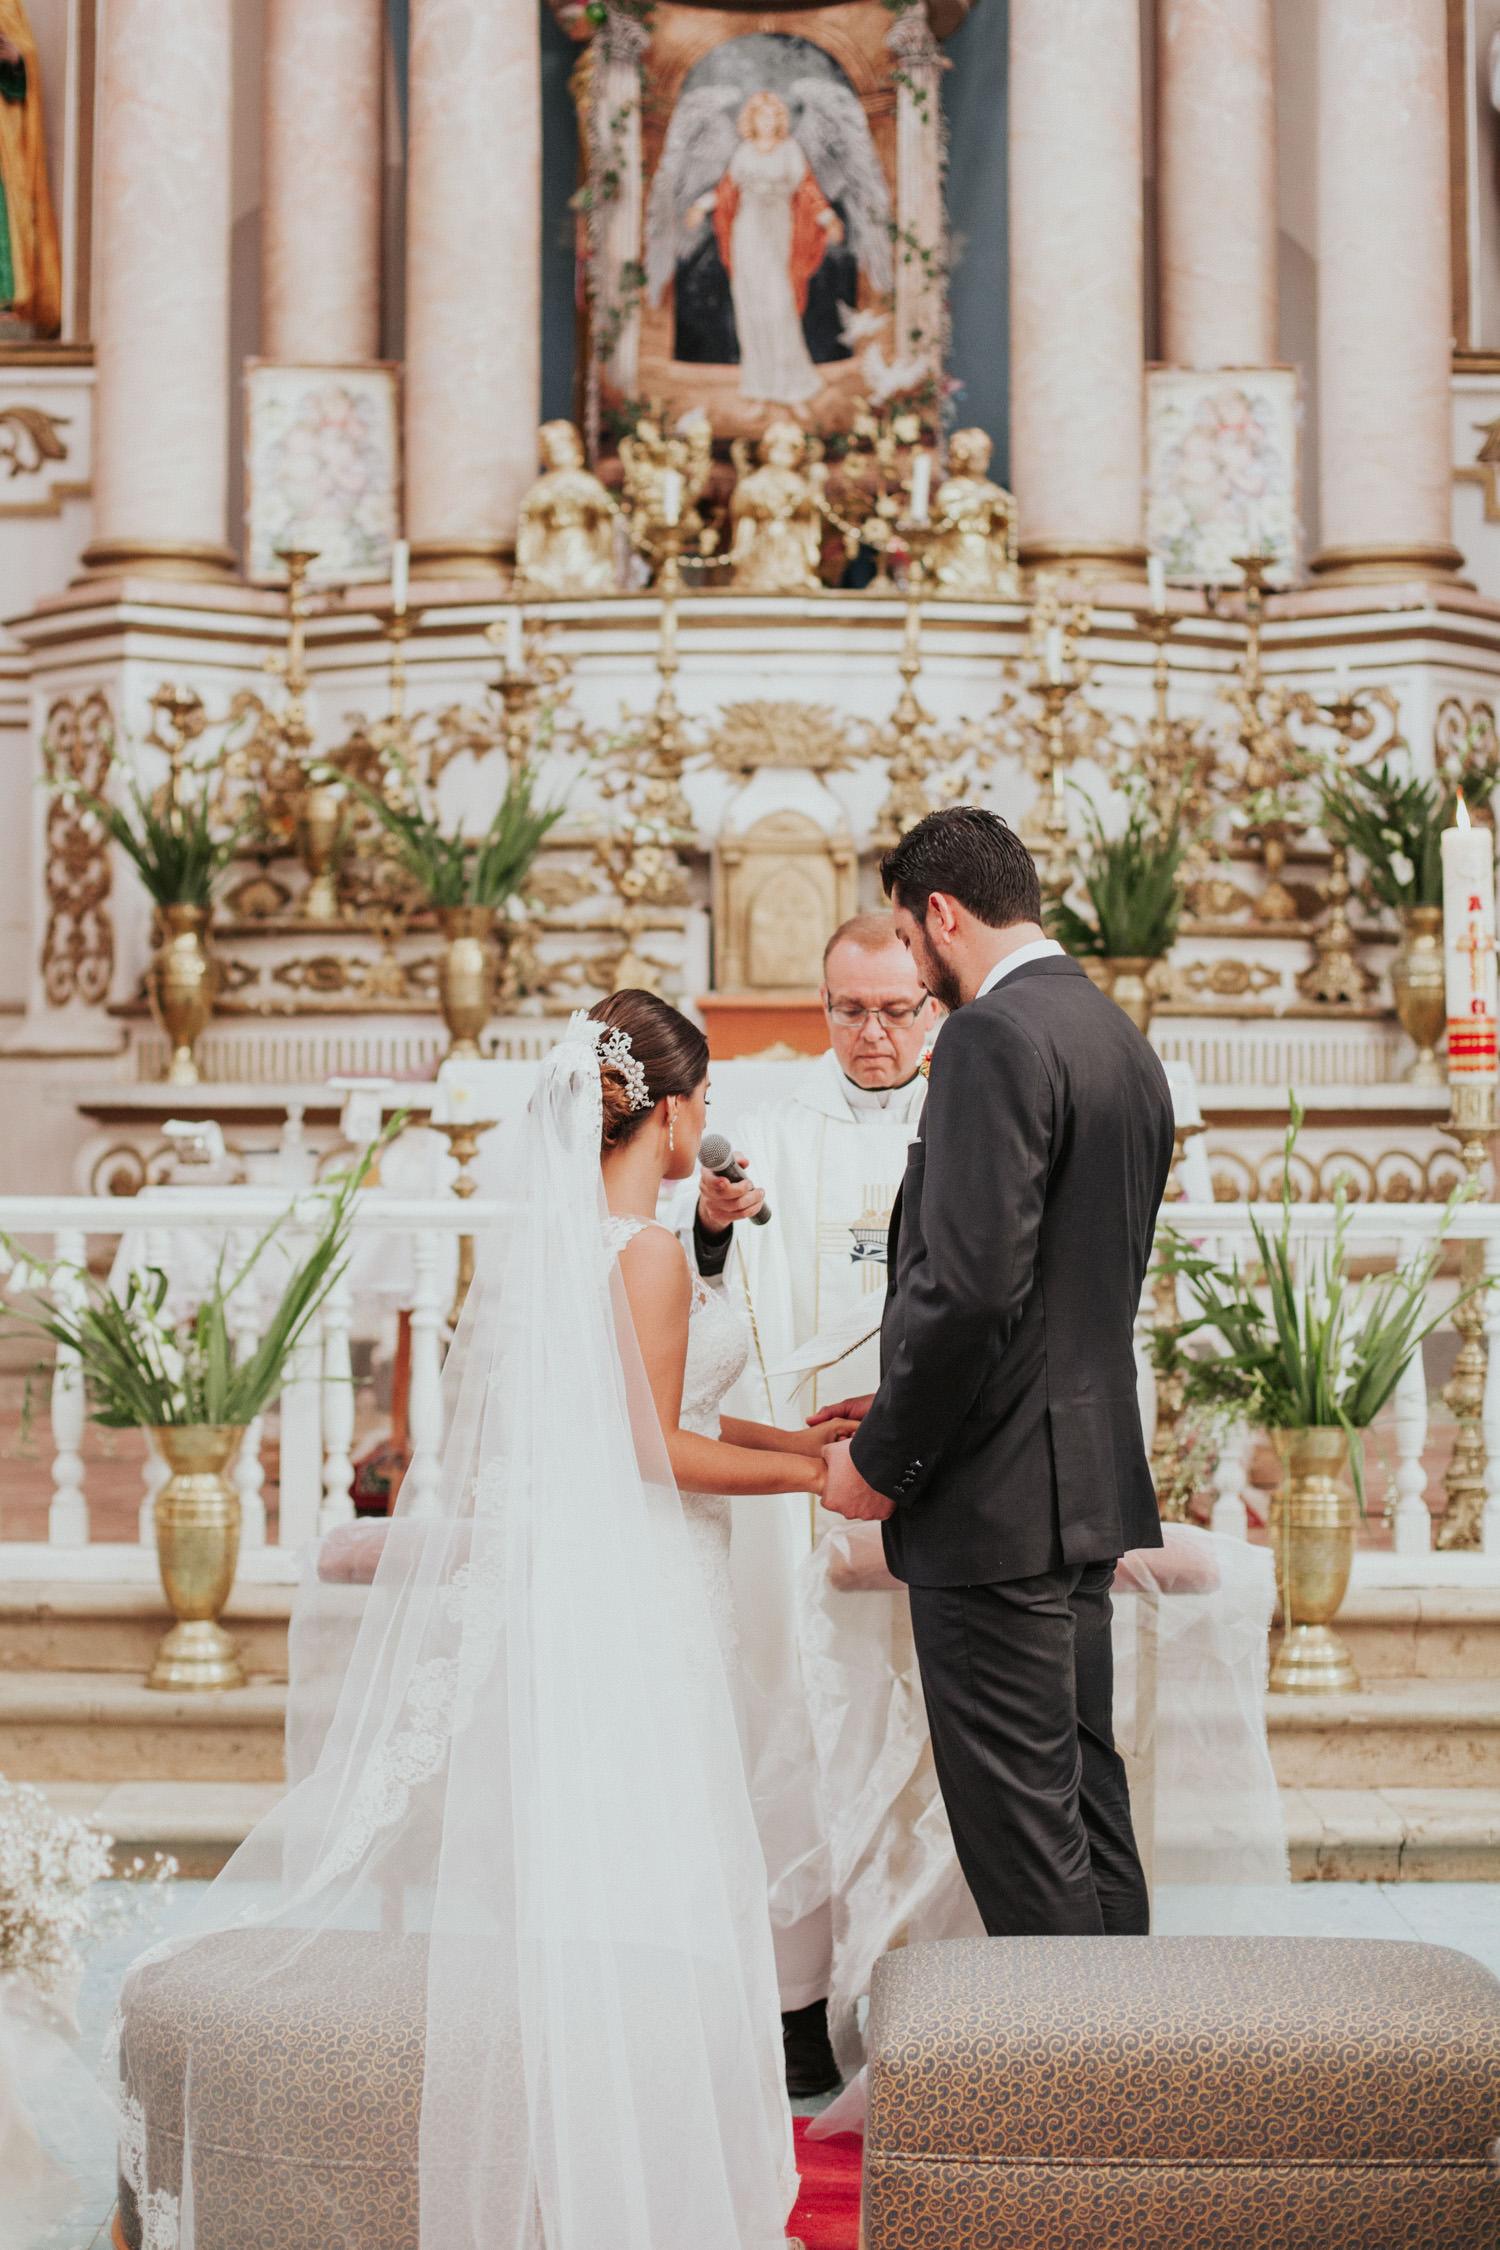 Boda-Guanajuato-Camino-de-Vinos-San-Miguel-Allende-Wedding-Fotografia-Paulina-Mauricio-Pierce0071.JPG